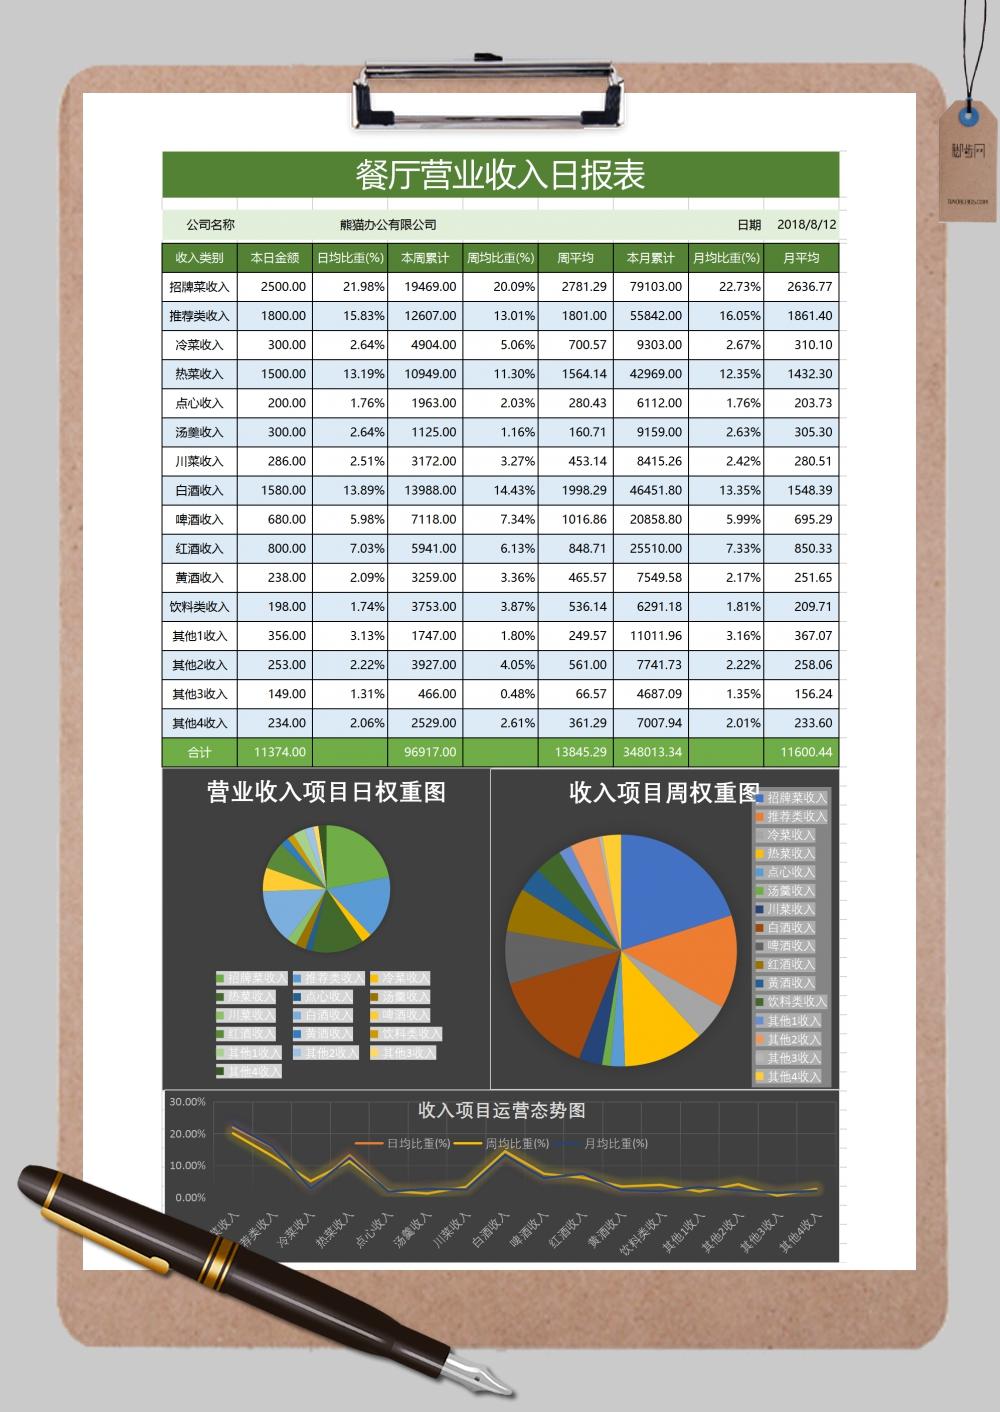 餐厅营业收入日报表分析Excel模板